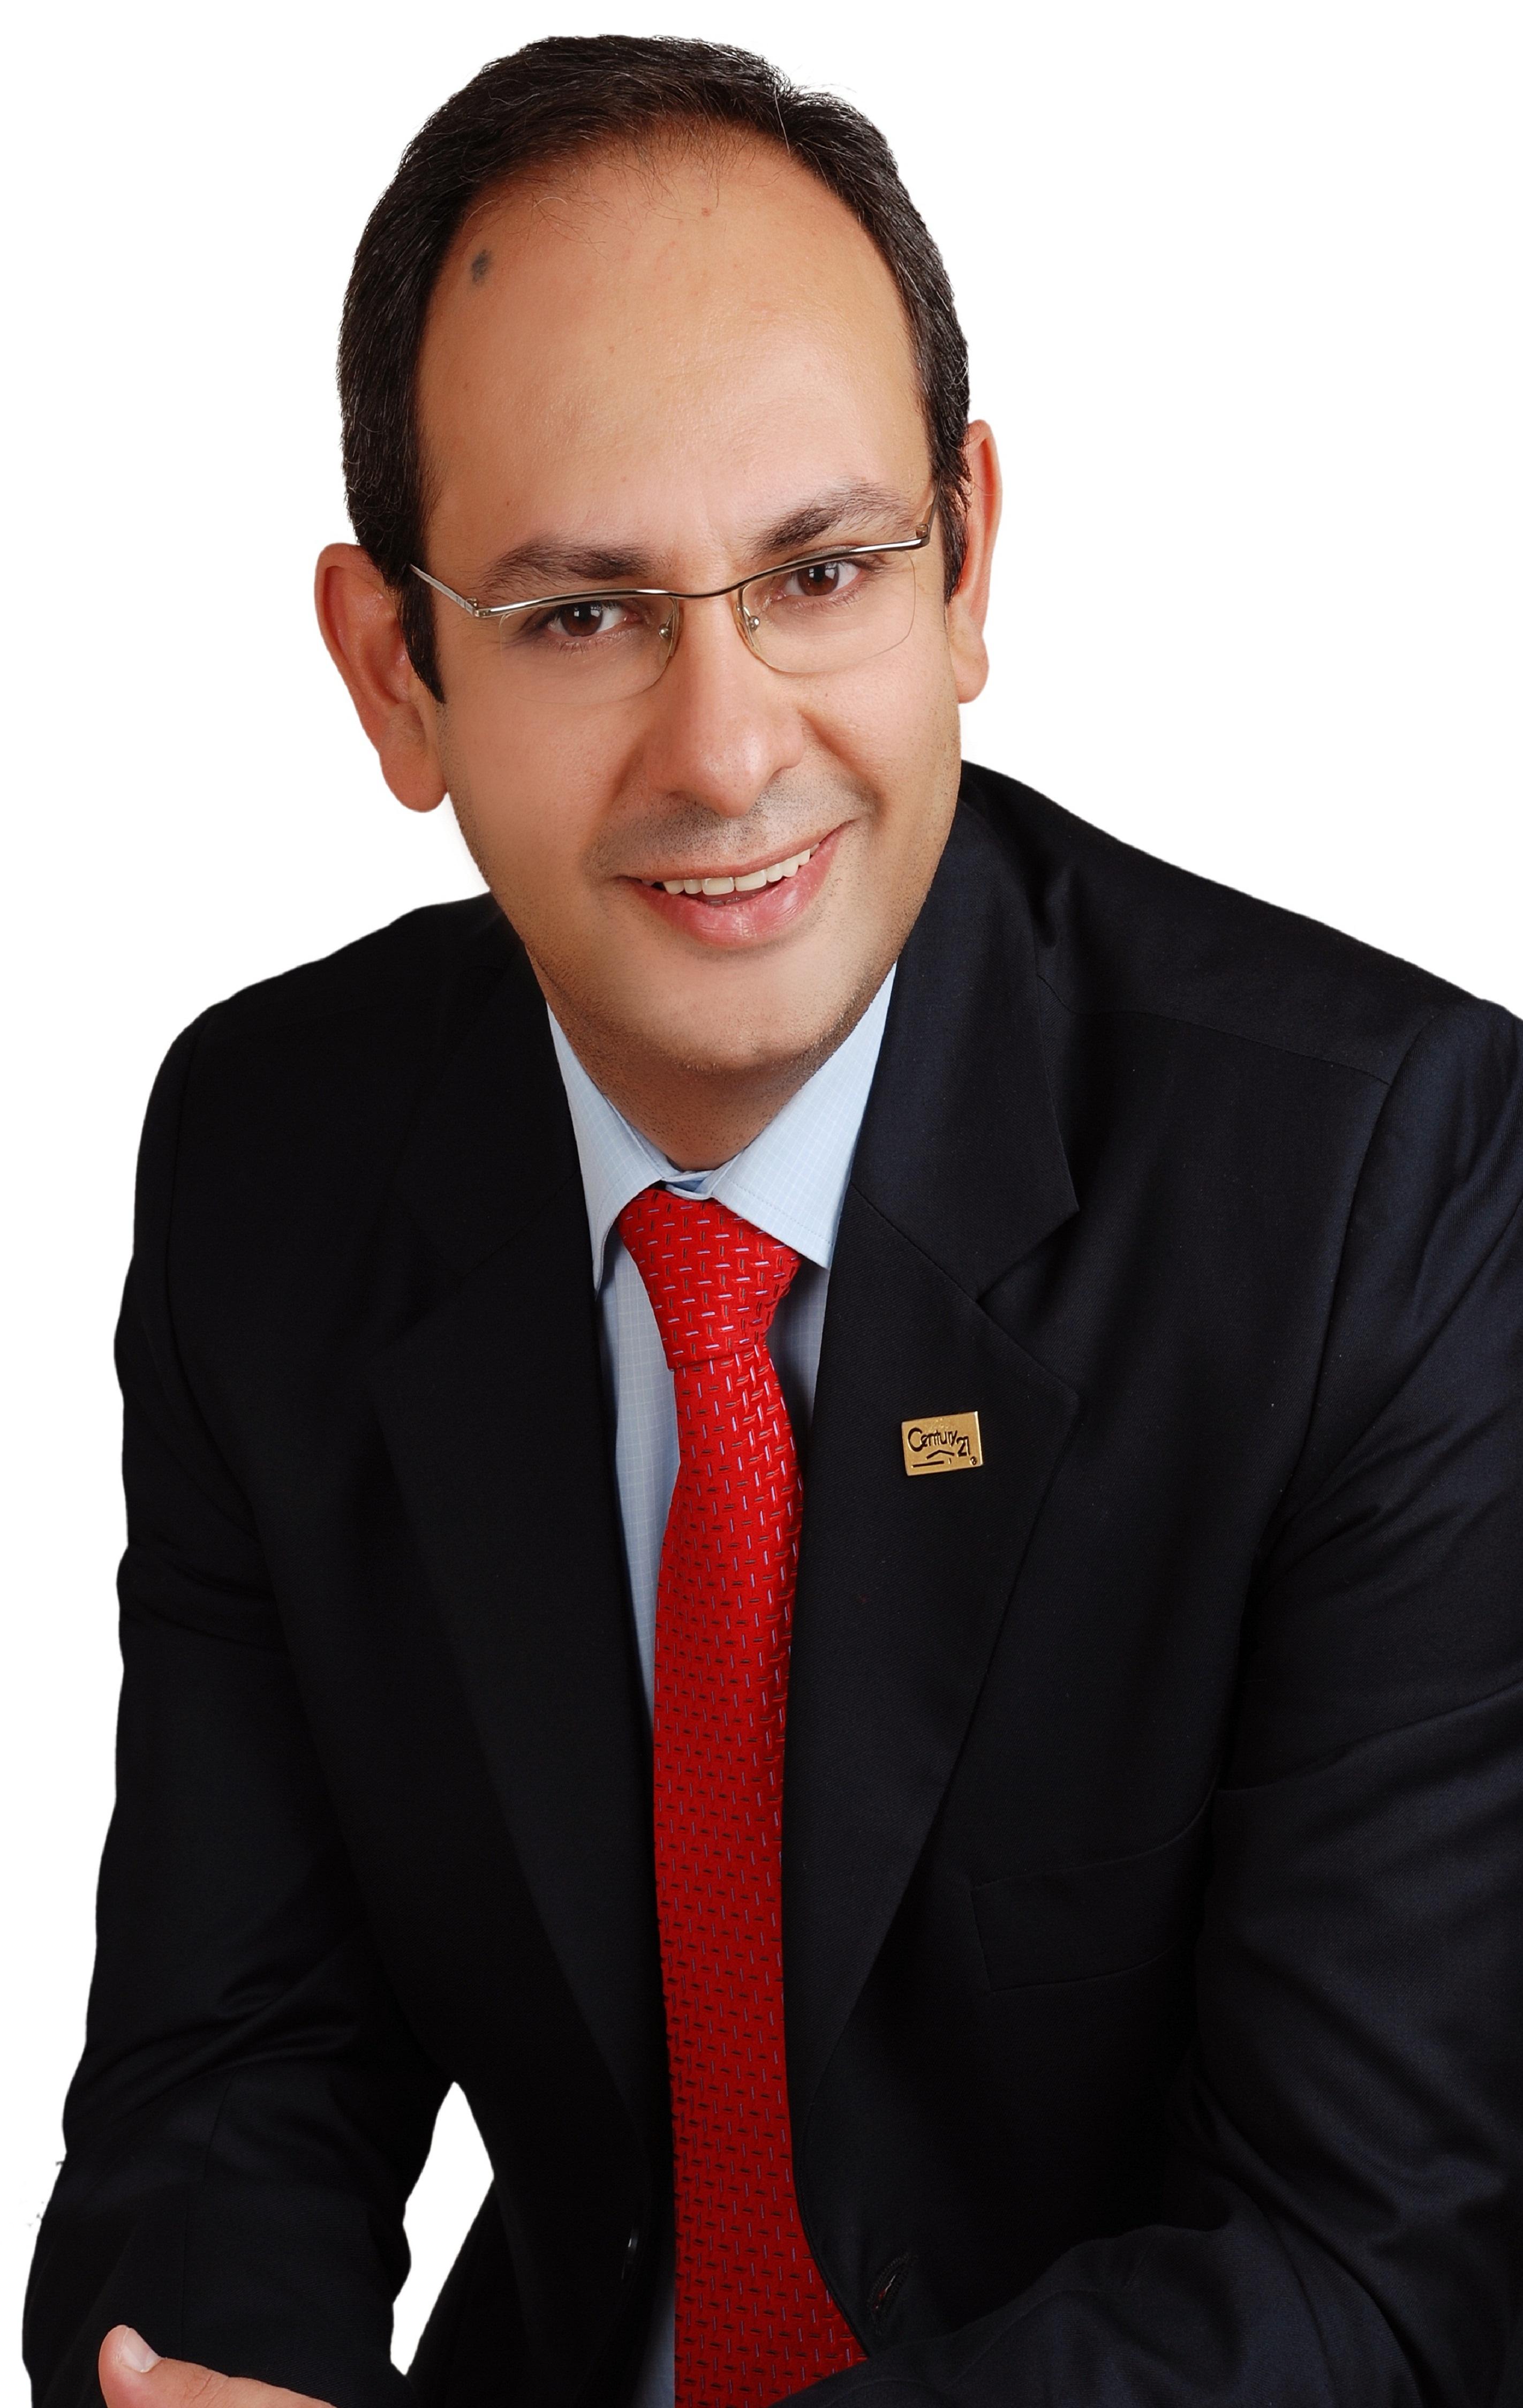 Alper Akman